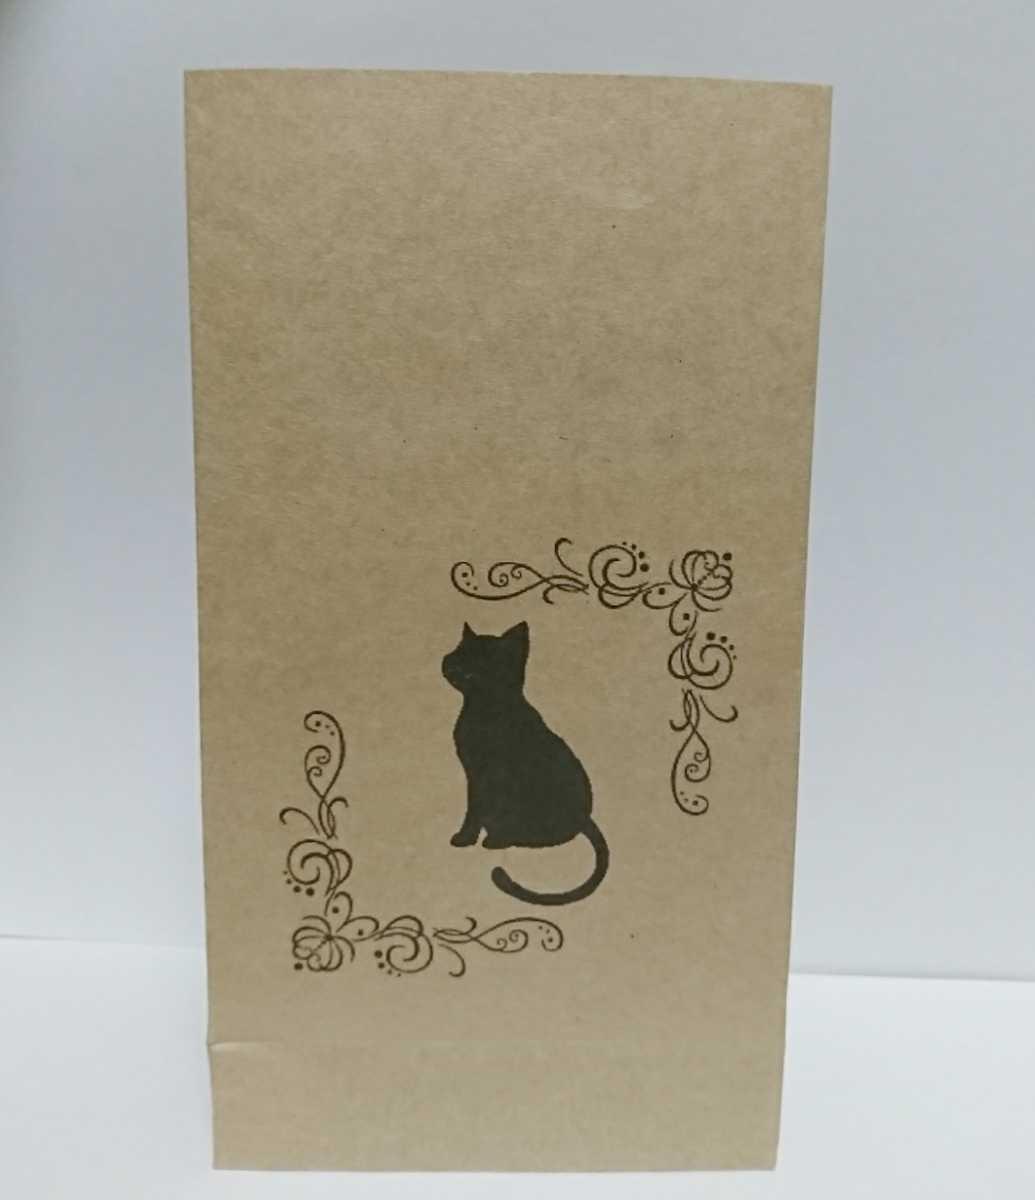 クラフト紙袋 ラッピング袋 包装 おすそ分け お裾分け 黒猫くろねこ 角底 10枚 まとめ売り